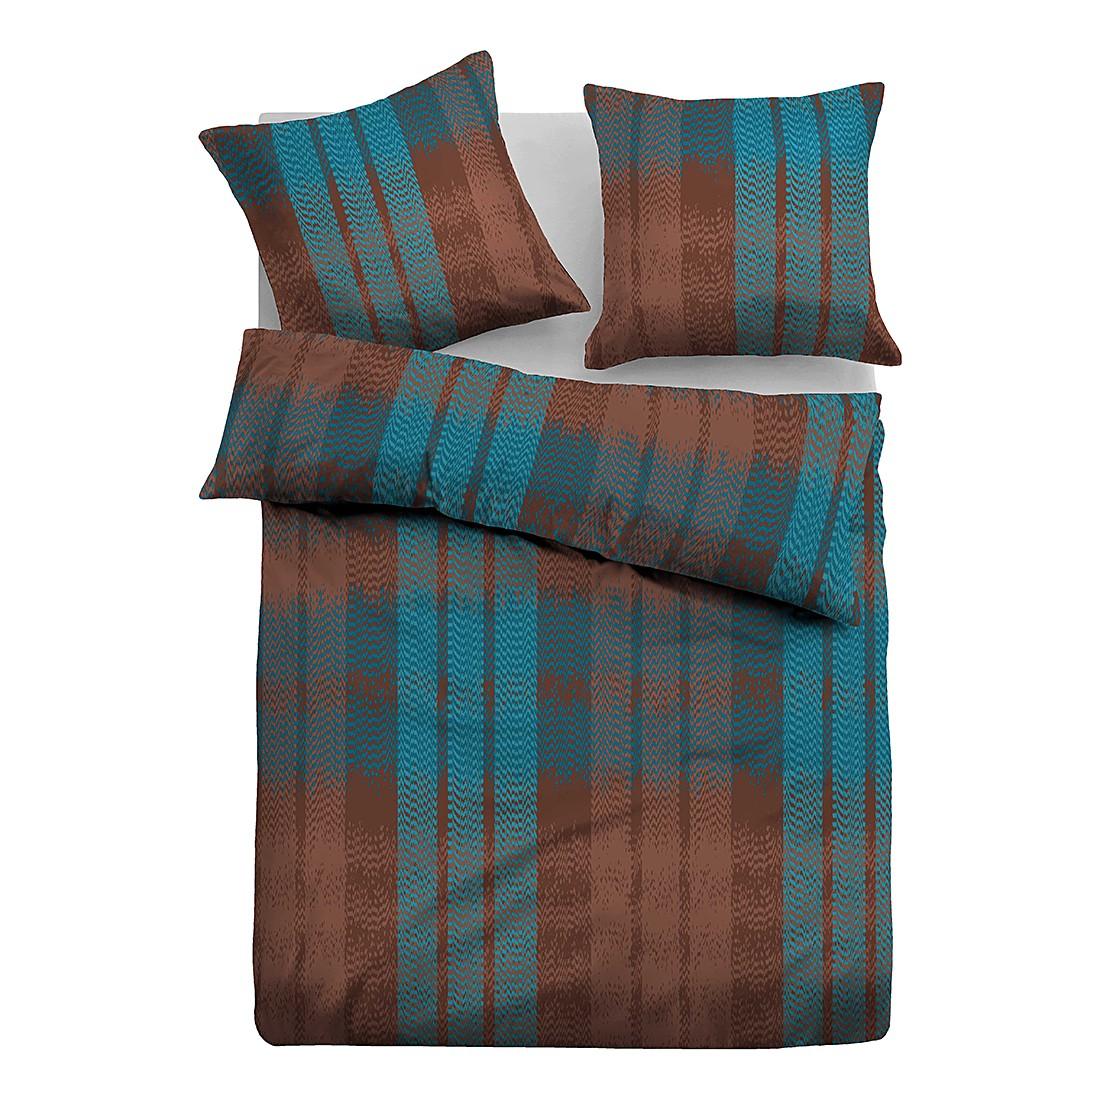 Satin Bettwäsche Streifen – Braun / Türkis – 155 x 220 cm + Kissen 80 x 80 cm, Tom Tailor jetzt kaufen